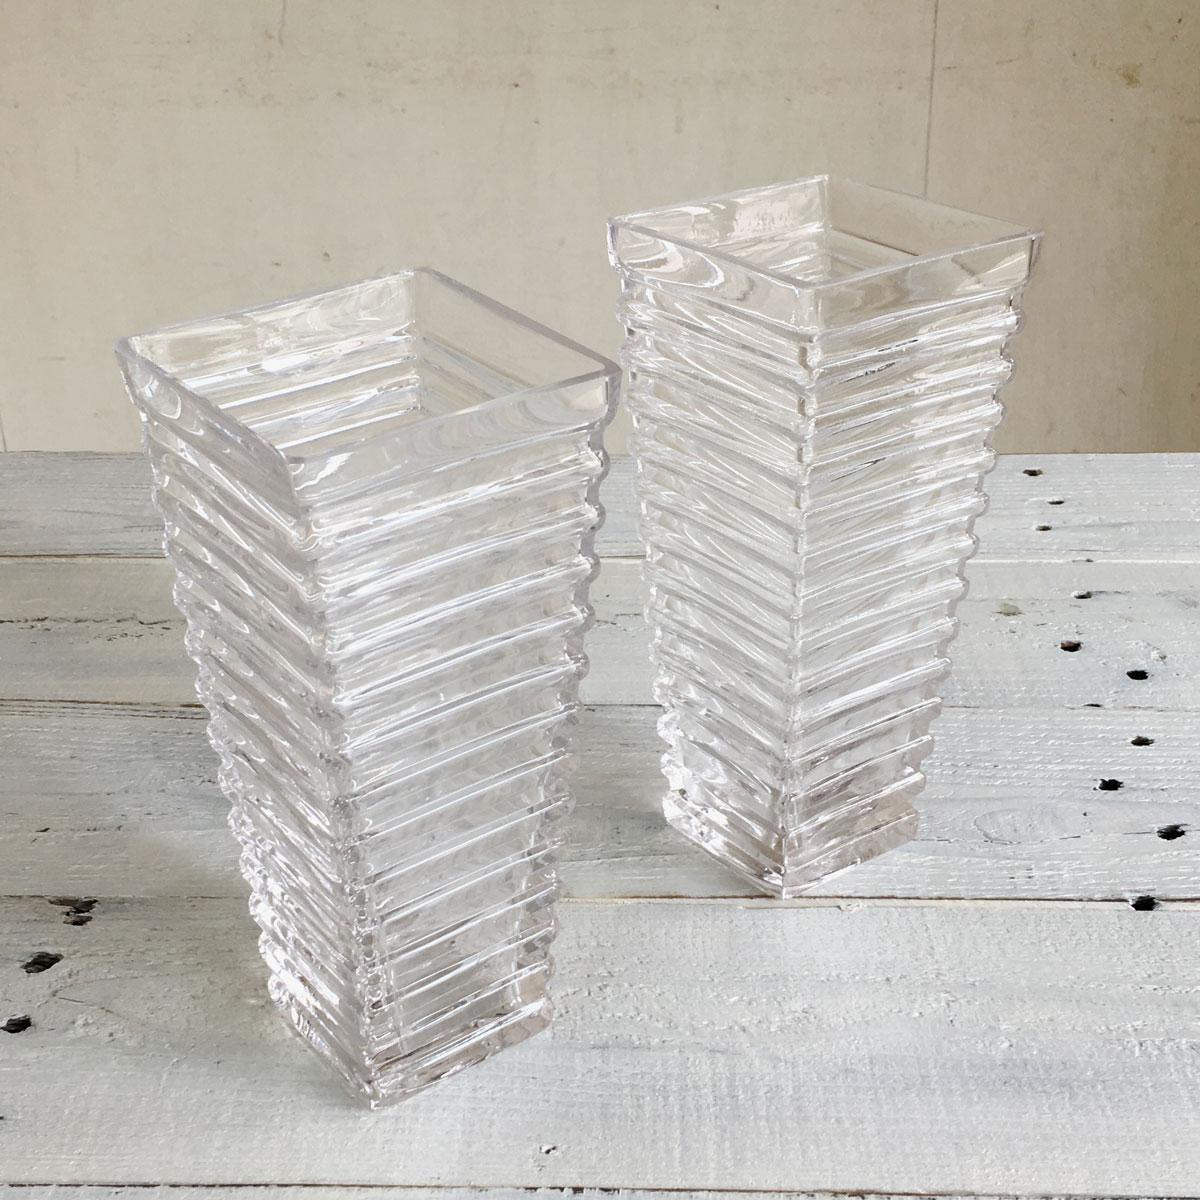 本日の目玉 シンプルデザインのフラワーベース2個セットで送料無料 未使用品 在庫処分特価品 送料無料 2000円ポッキリ フラワーベース ガラス 花瓶 シンプル おしゃれ 2個セット